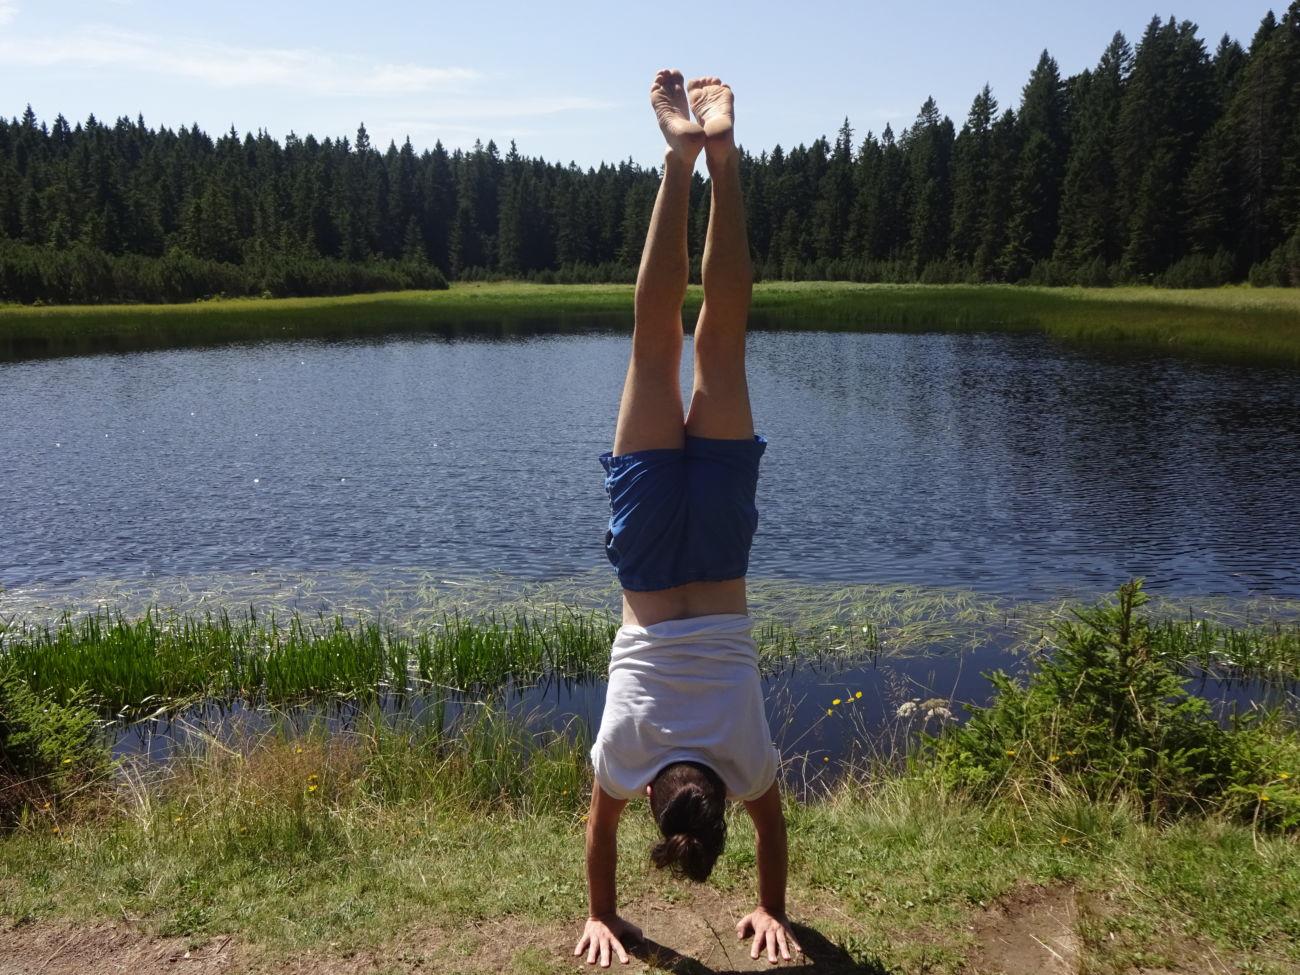 Nadaljevalni Učiteljski tečaj joge, +300. Napredna Flow praksa